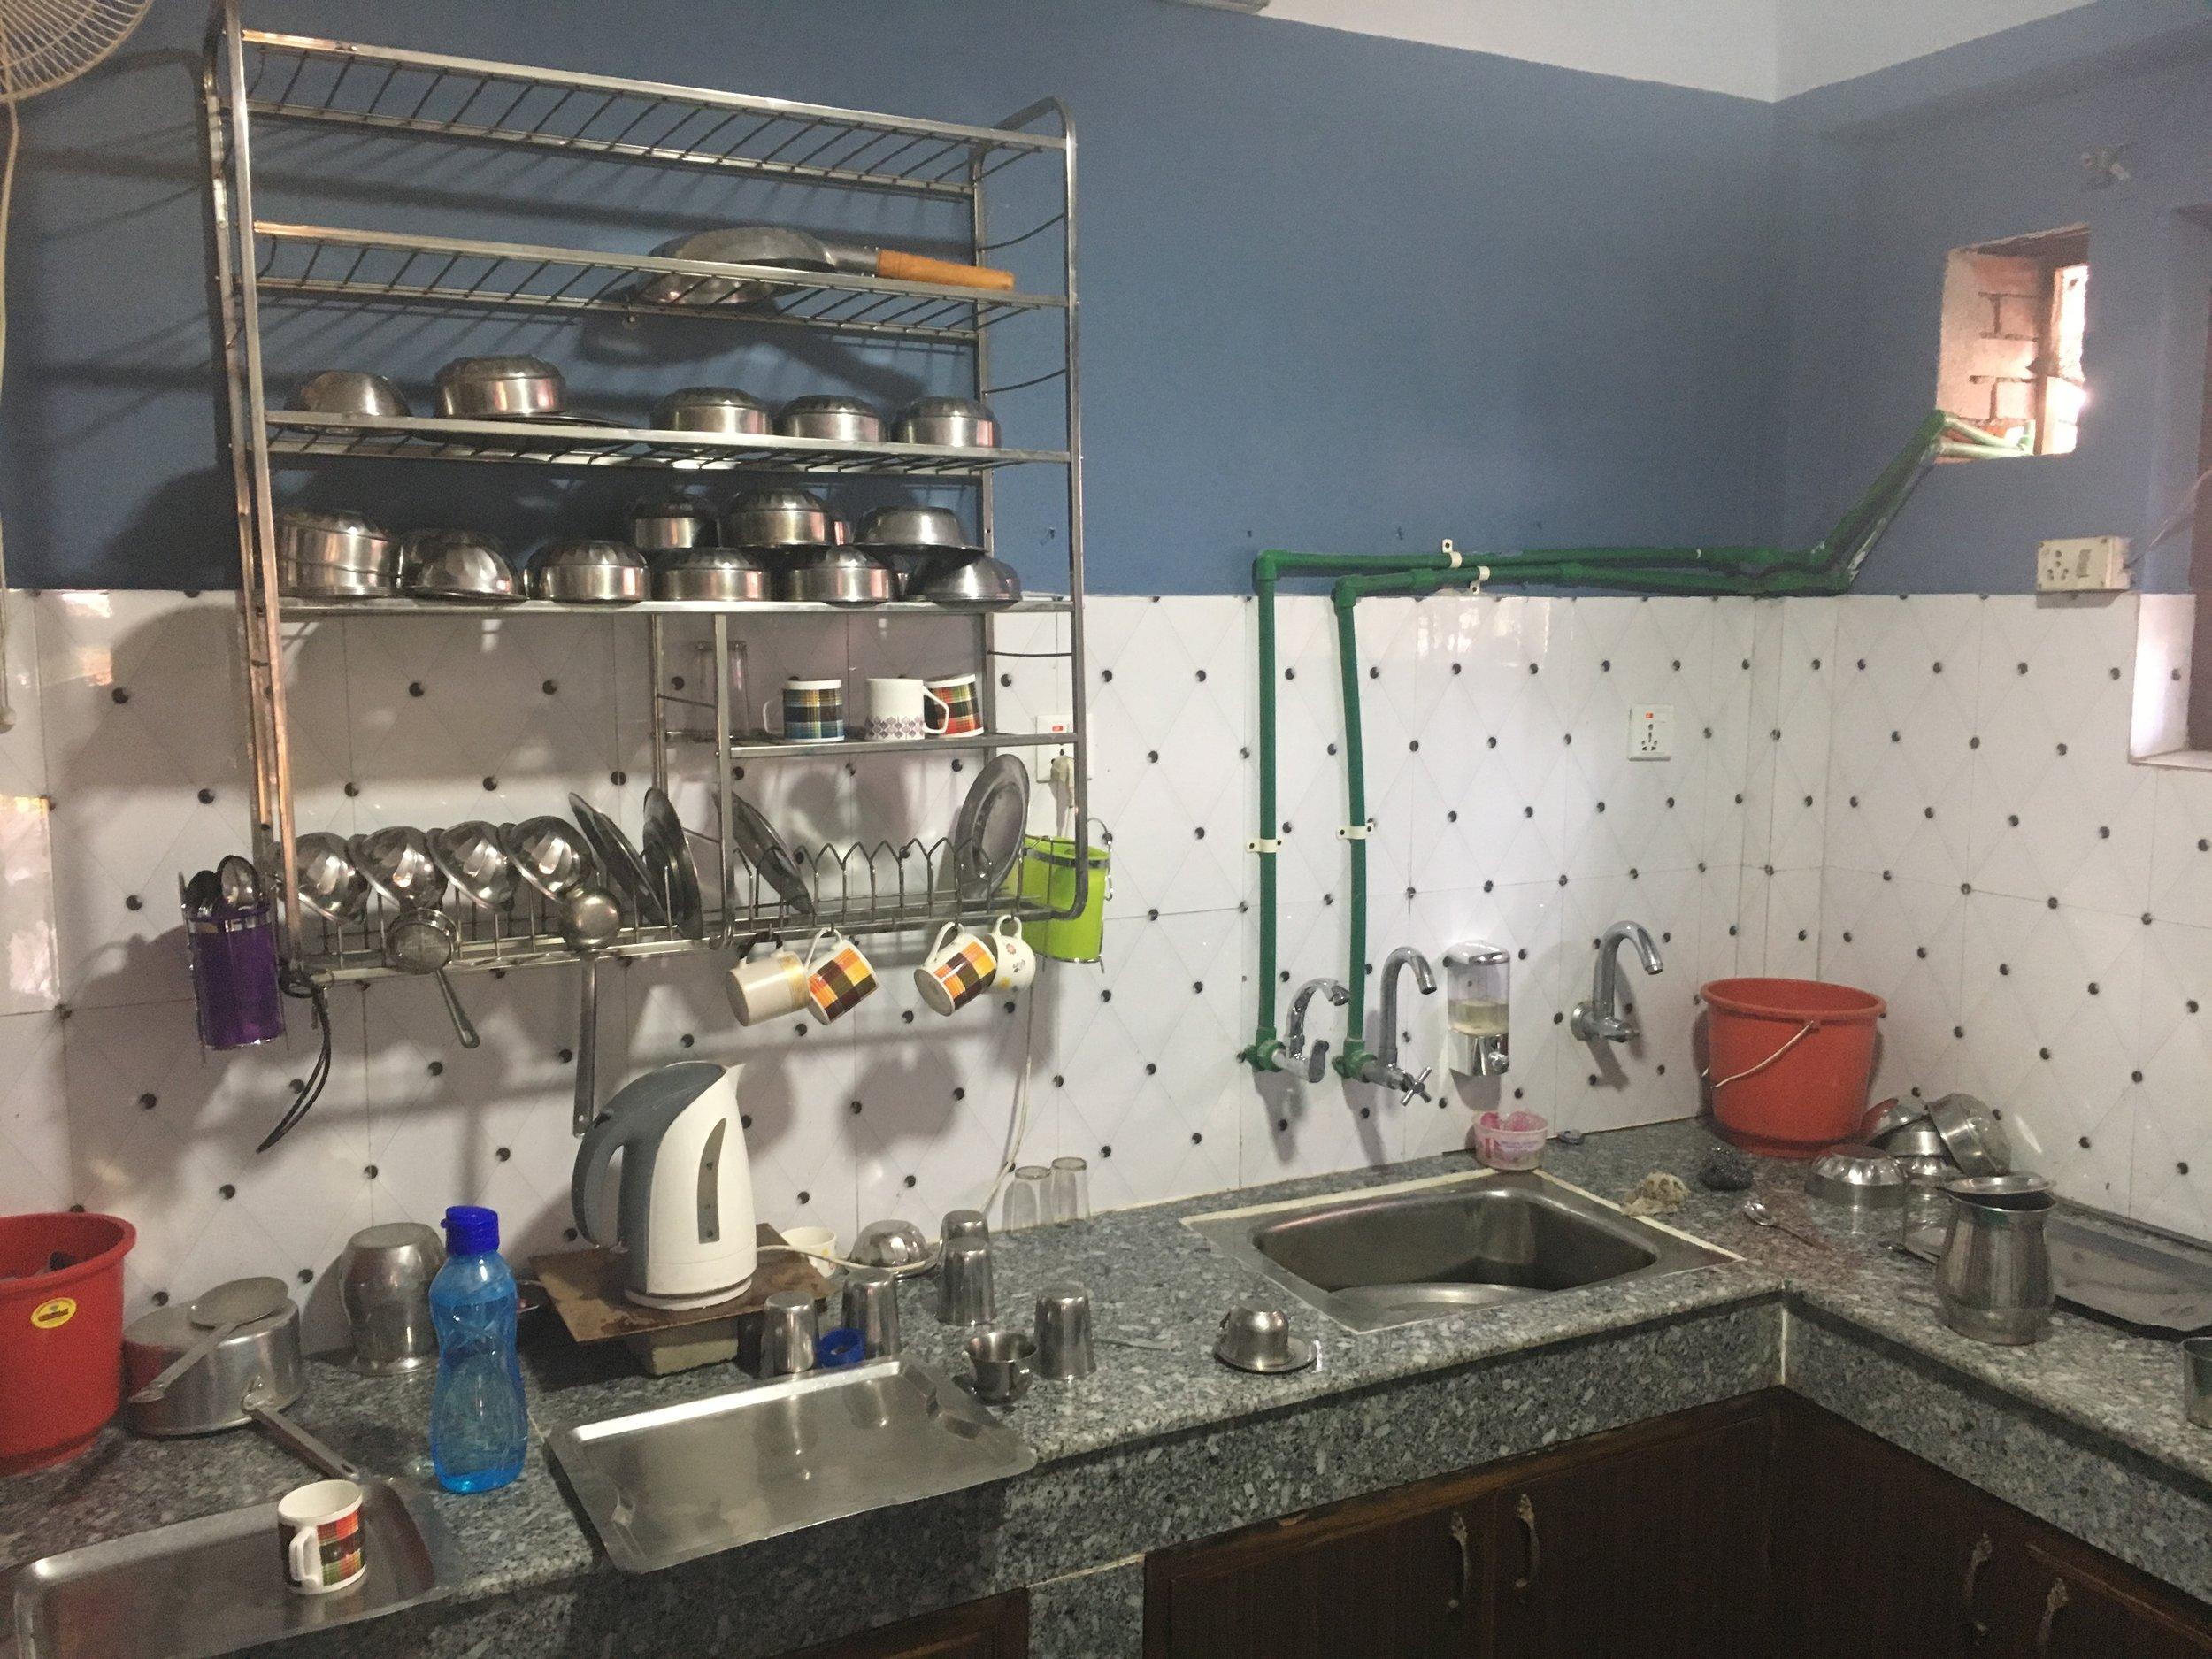 La nouvelle cuisine au sein de l'école